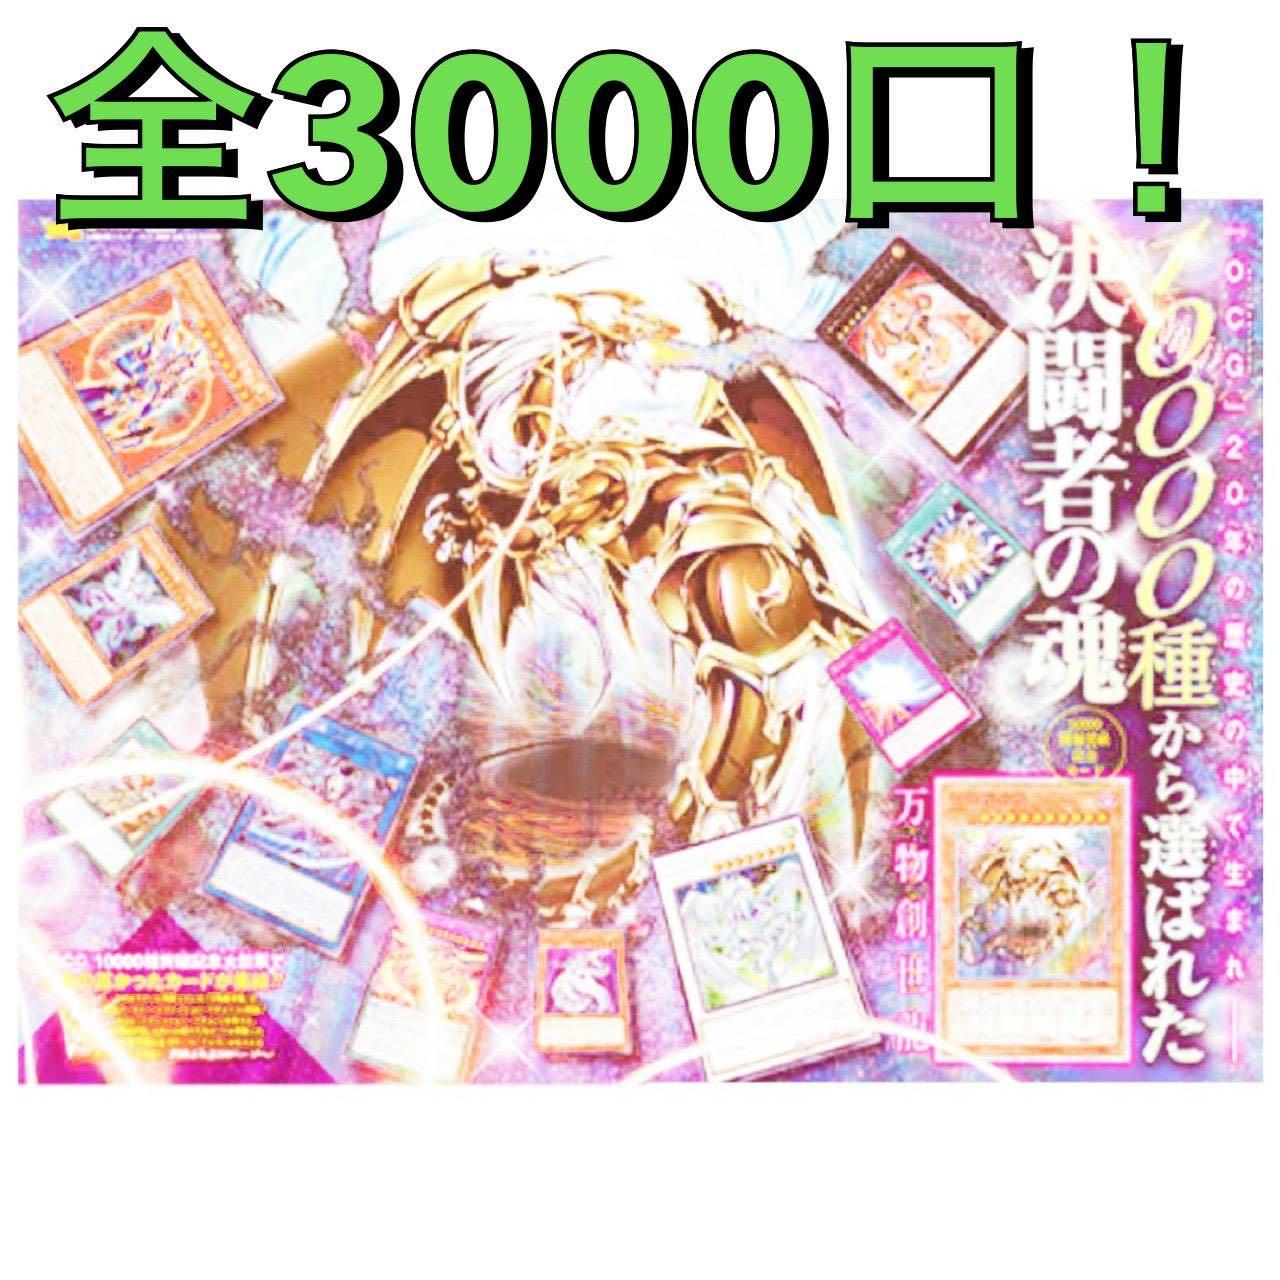 ☆全2000口☆ワンチャン万物創世竜ゲットのチャンス!遊戯王在庫処分オリパ!